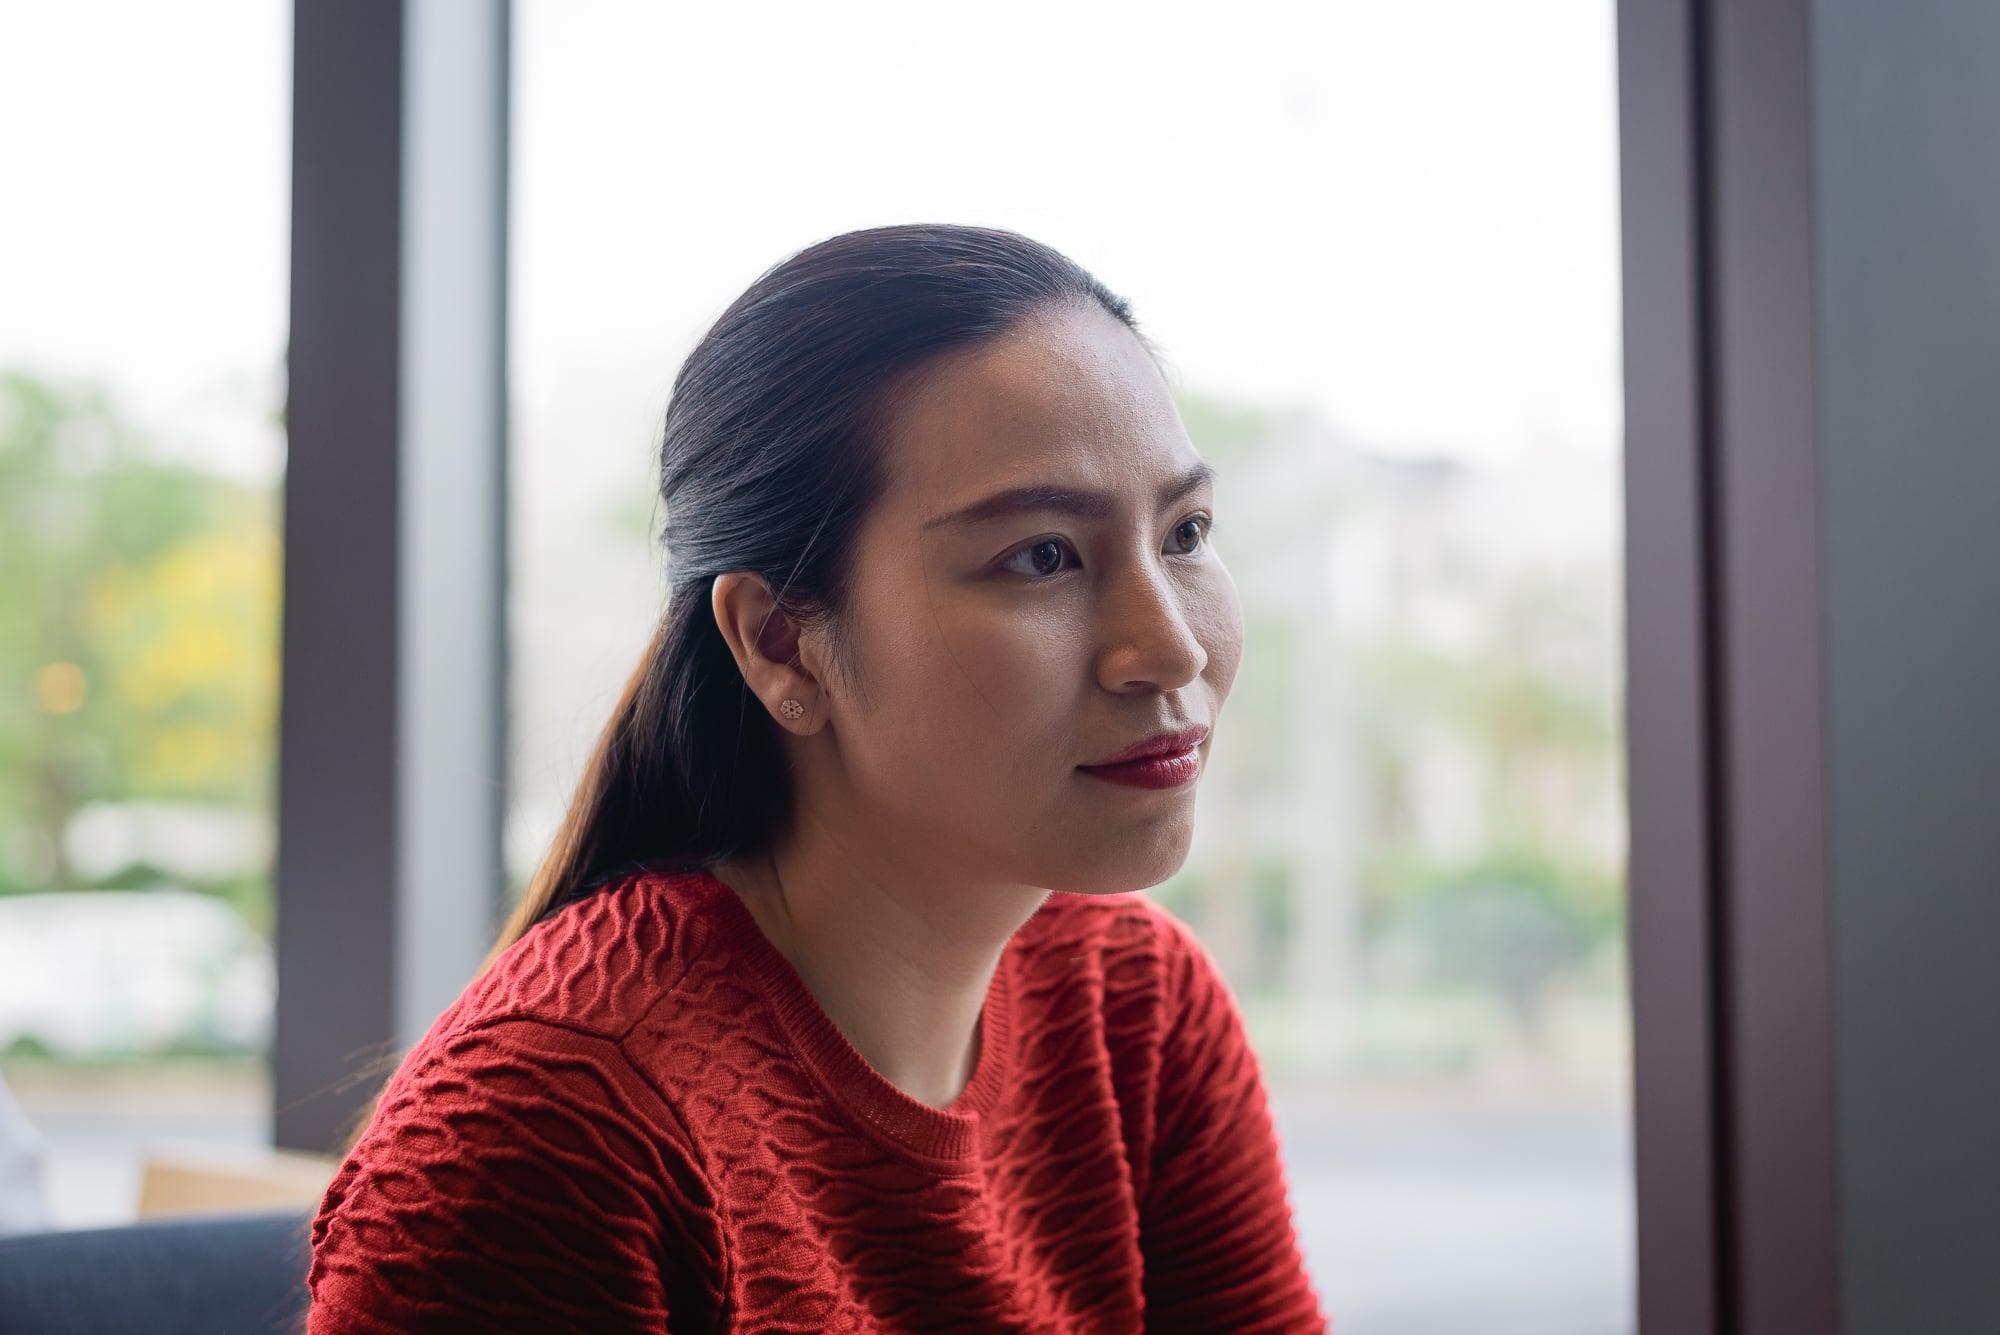 vietnam startup ecosystem, Doan Kieu My